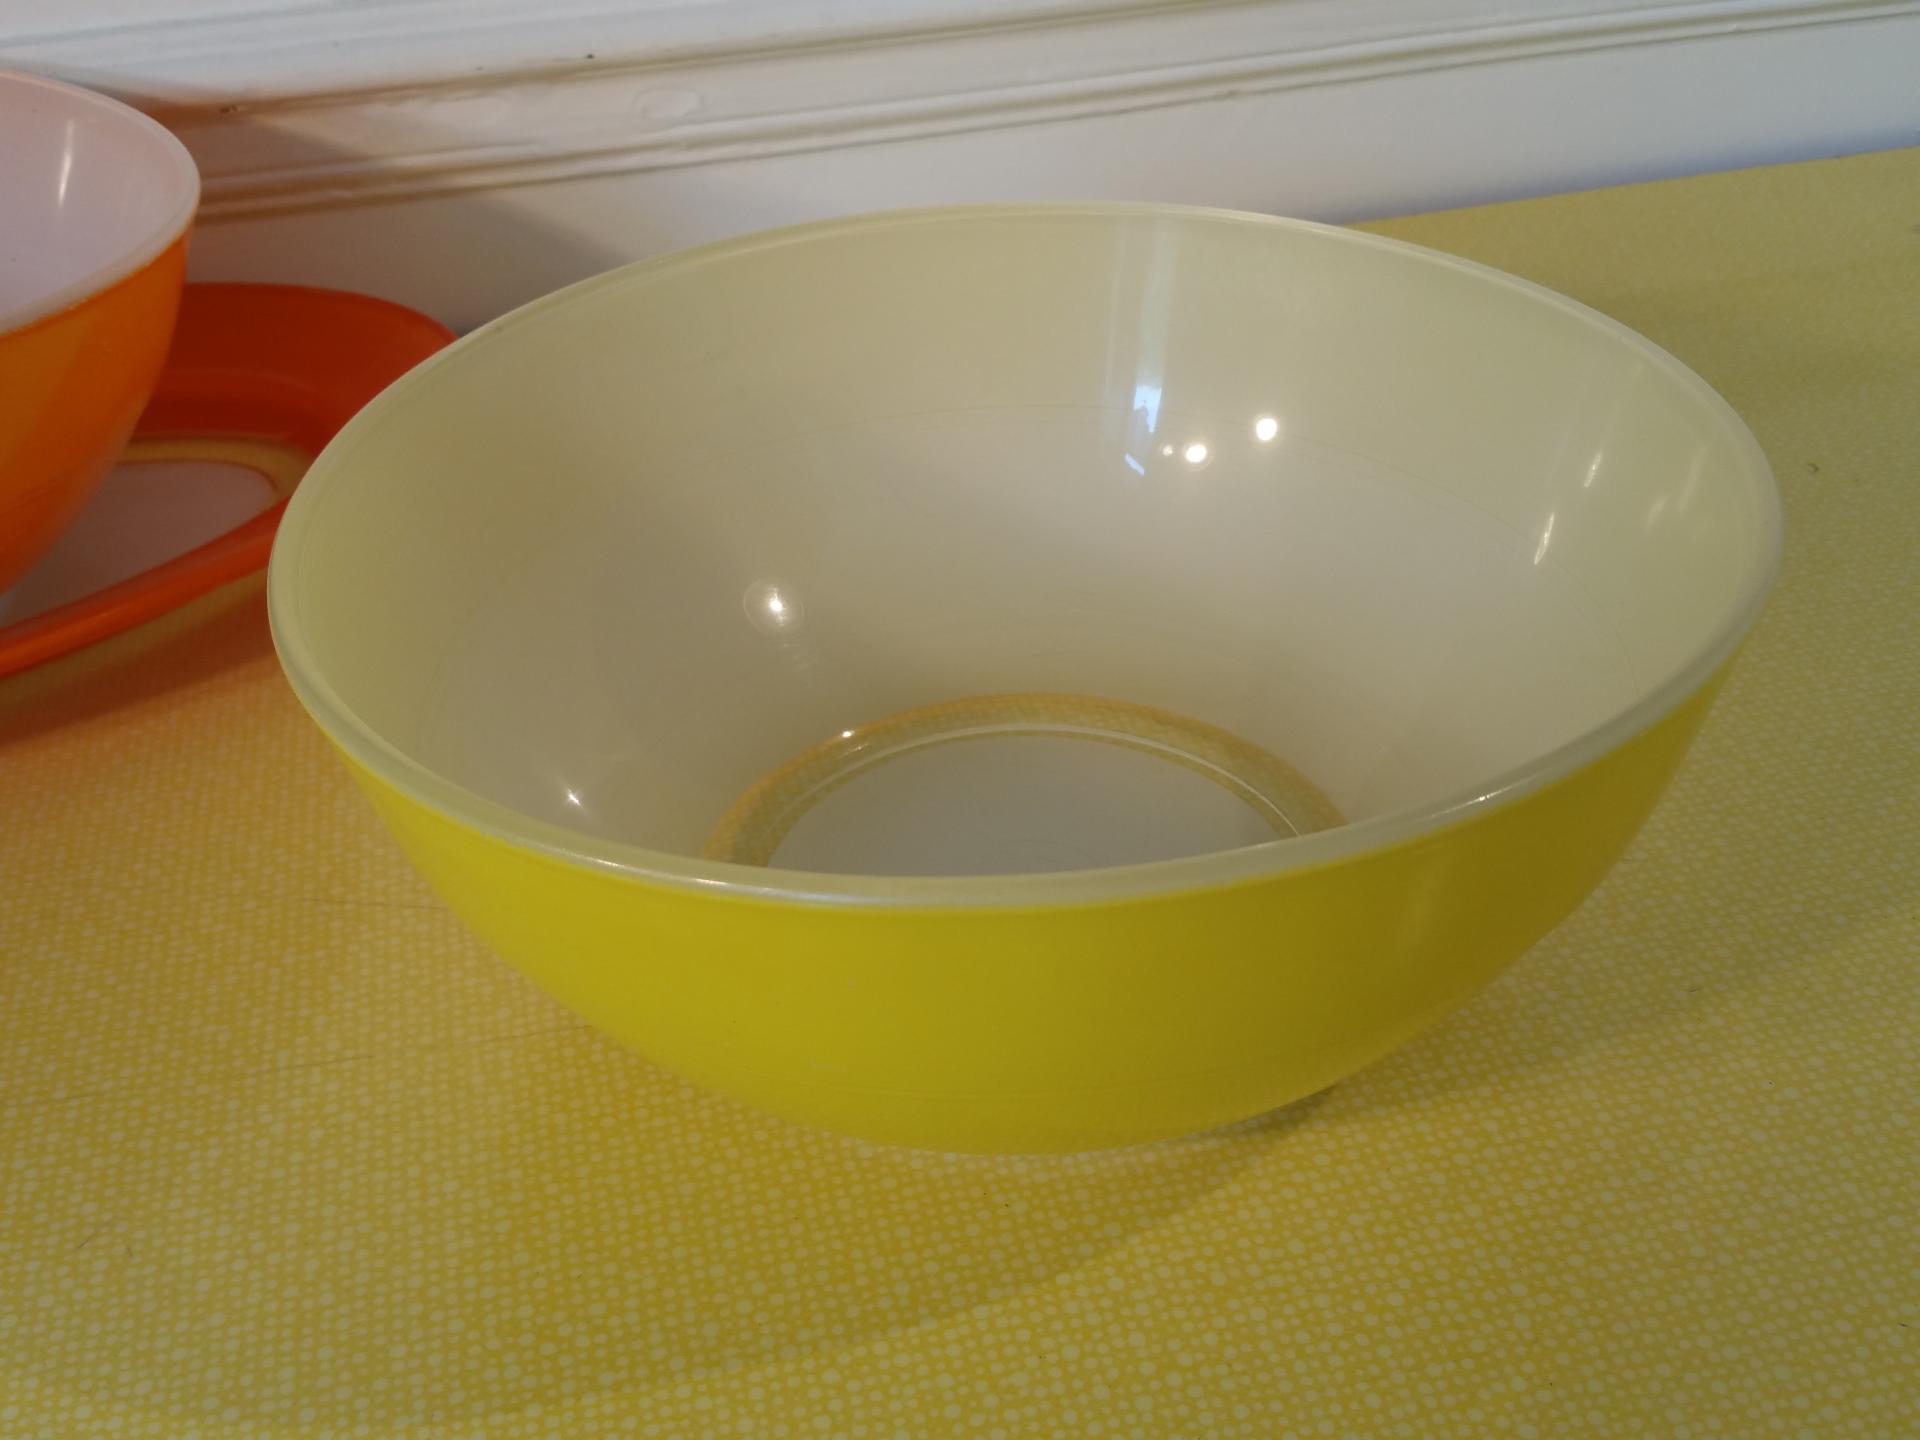 2 saladier duralex jaune